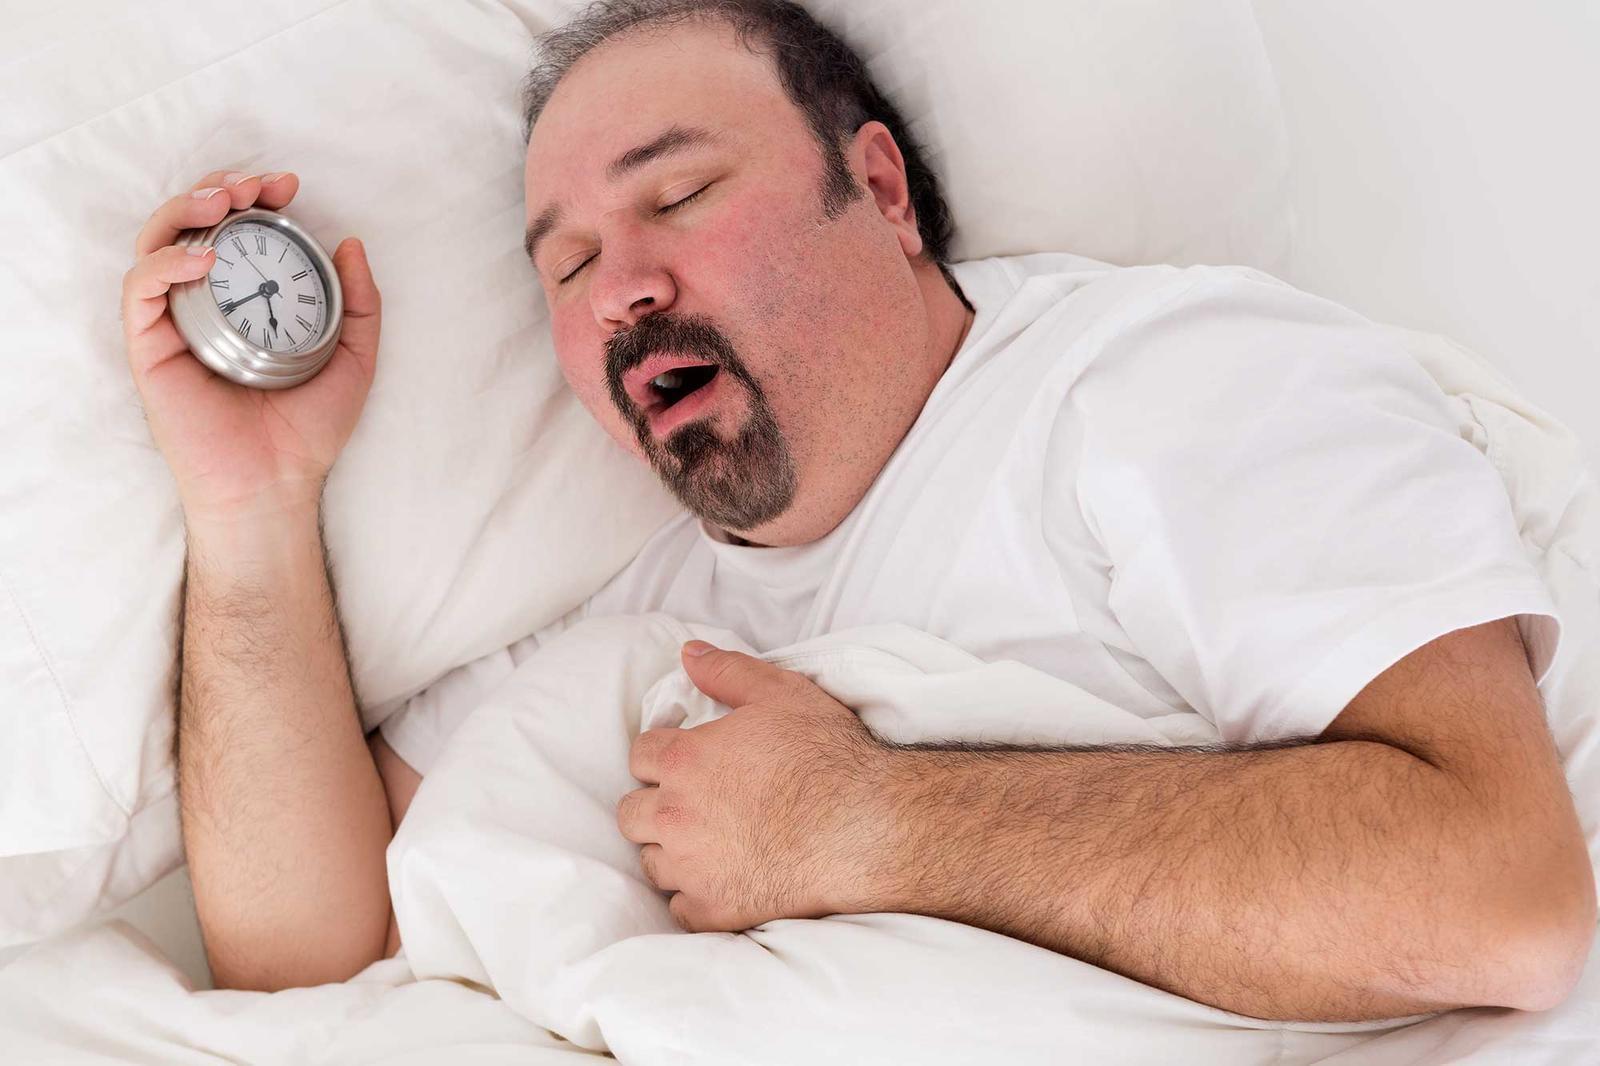 Спать больше 8 часов в сутки вредно для здоровья и опасно для жизни. Вот причина